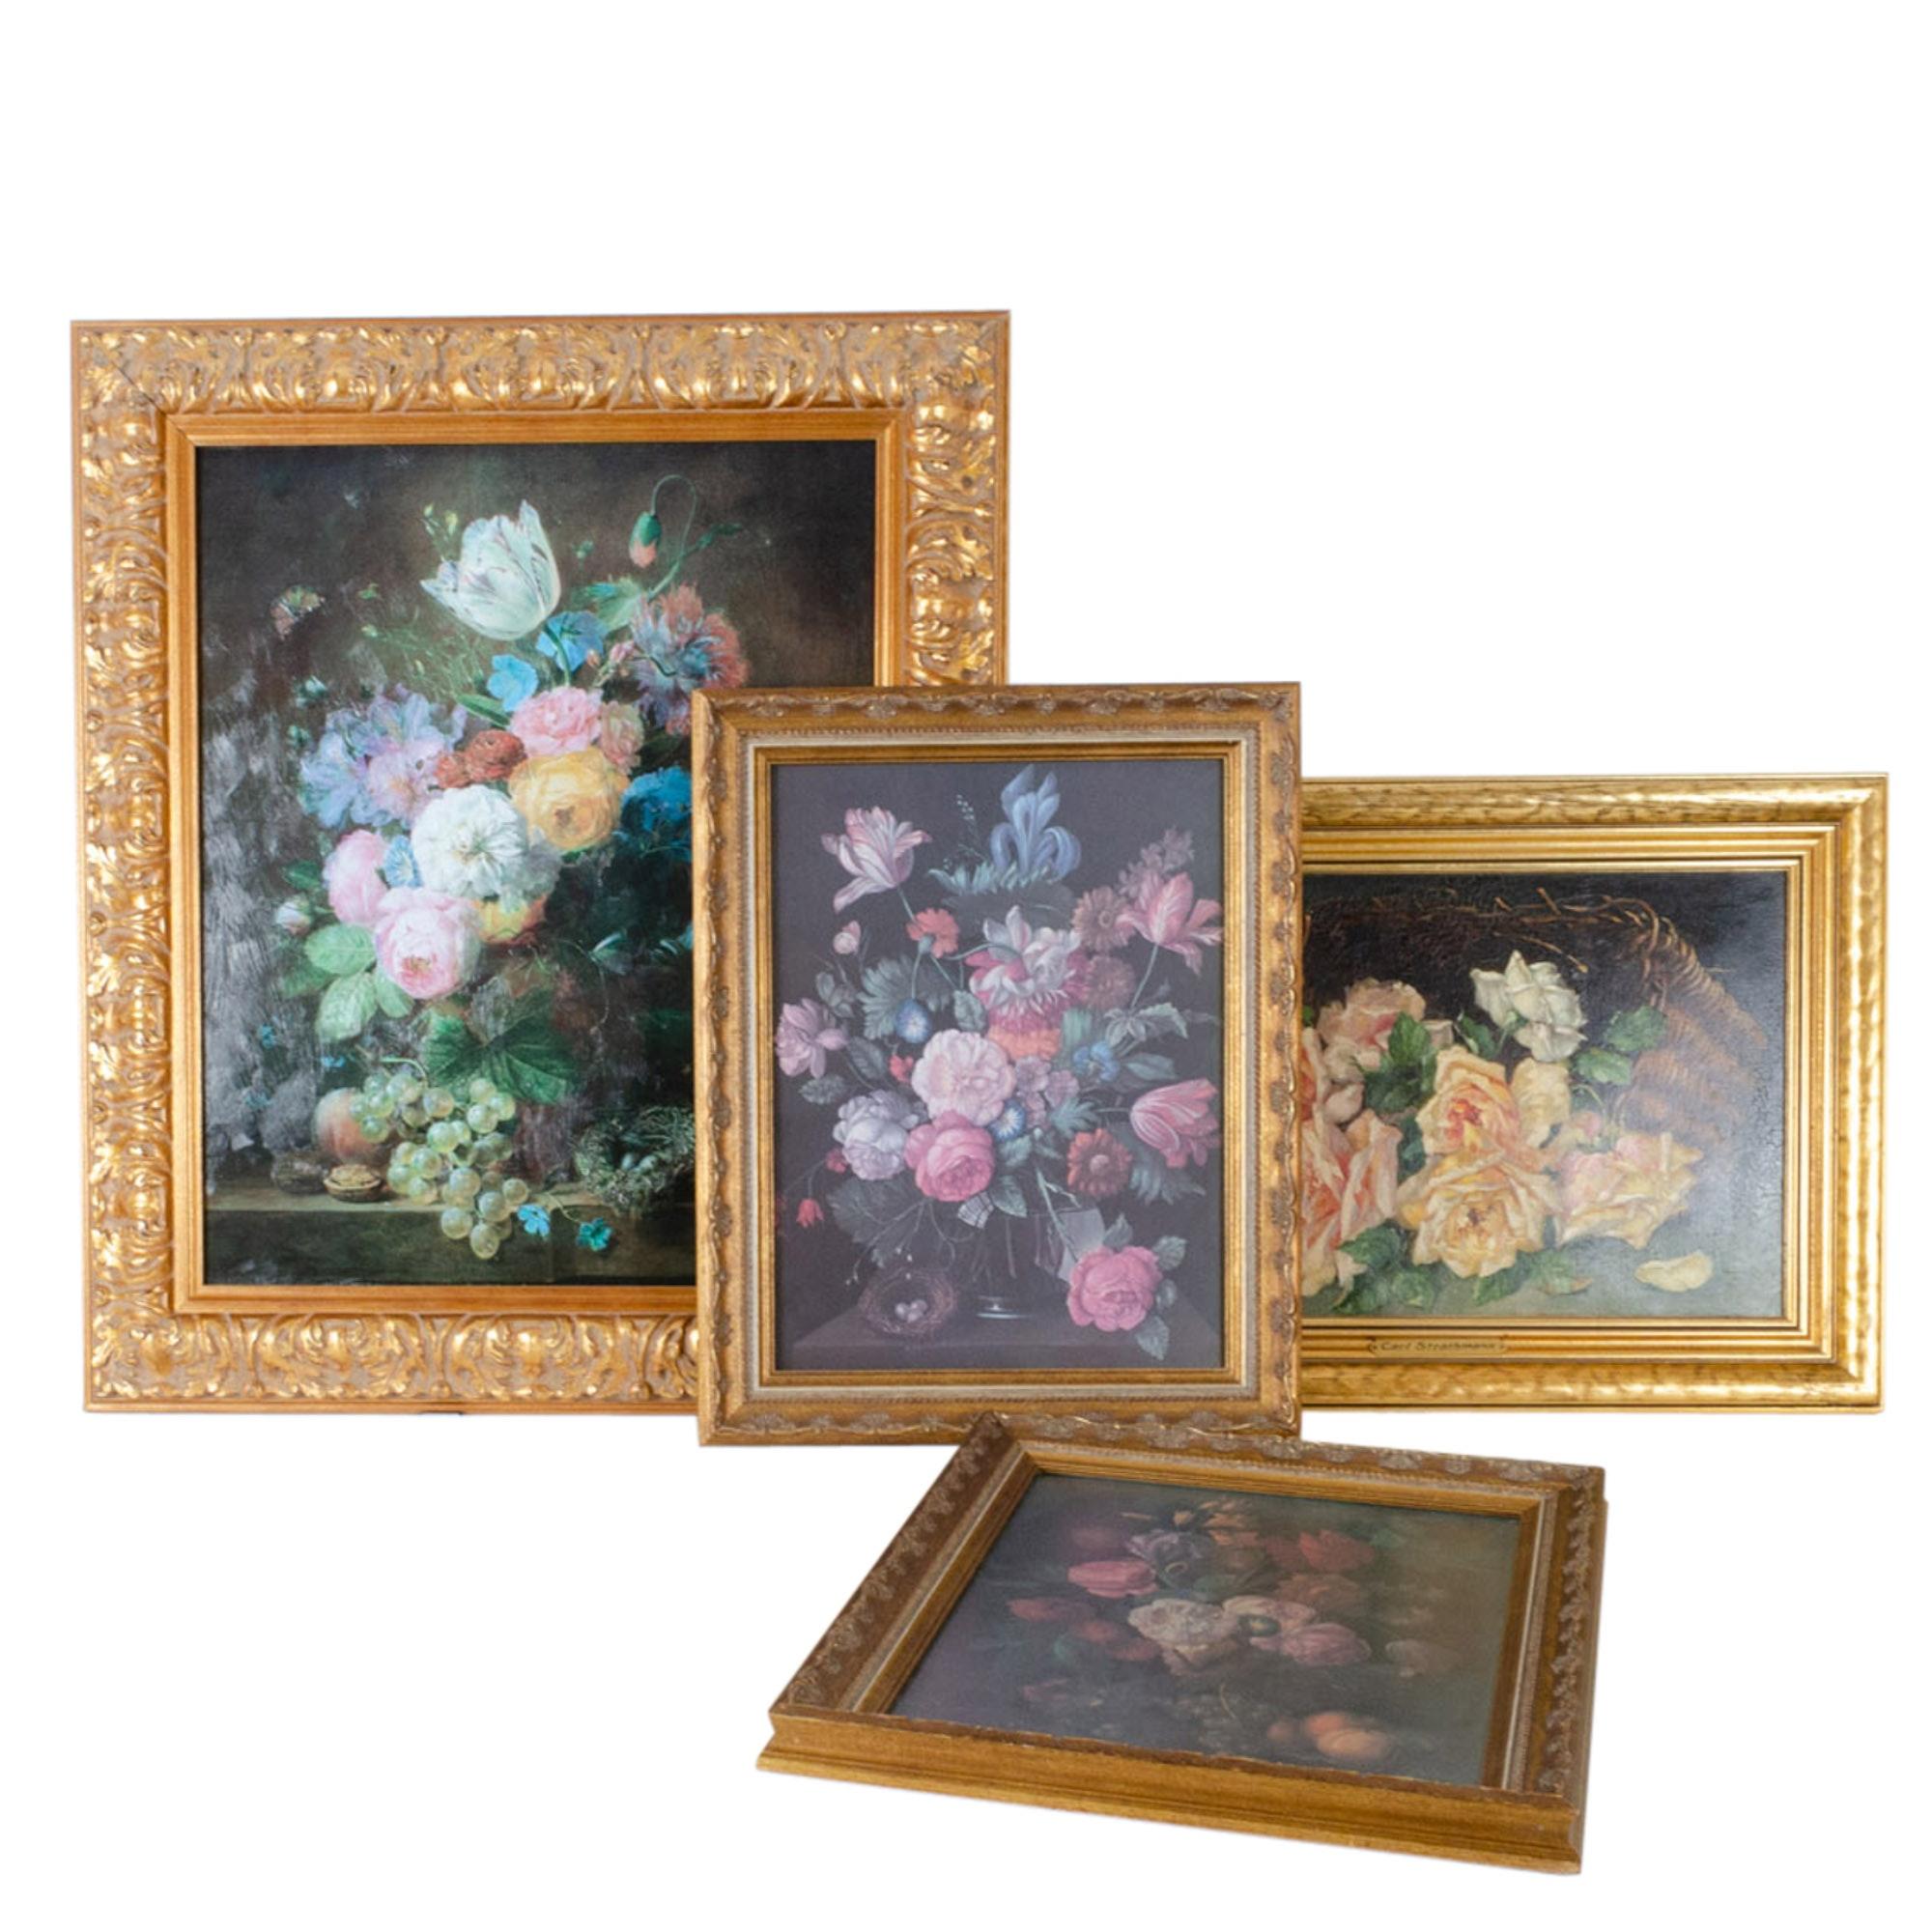 Vintage Floral Offset Lithographs in Ornate Gilt Frames